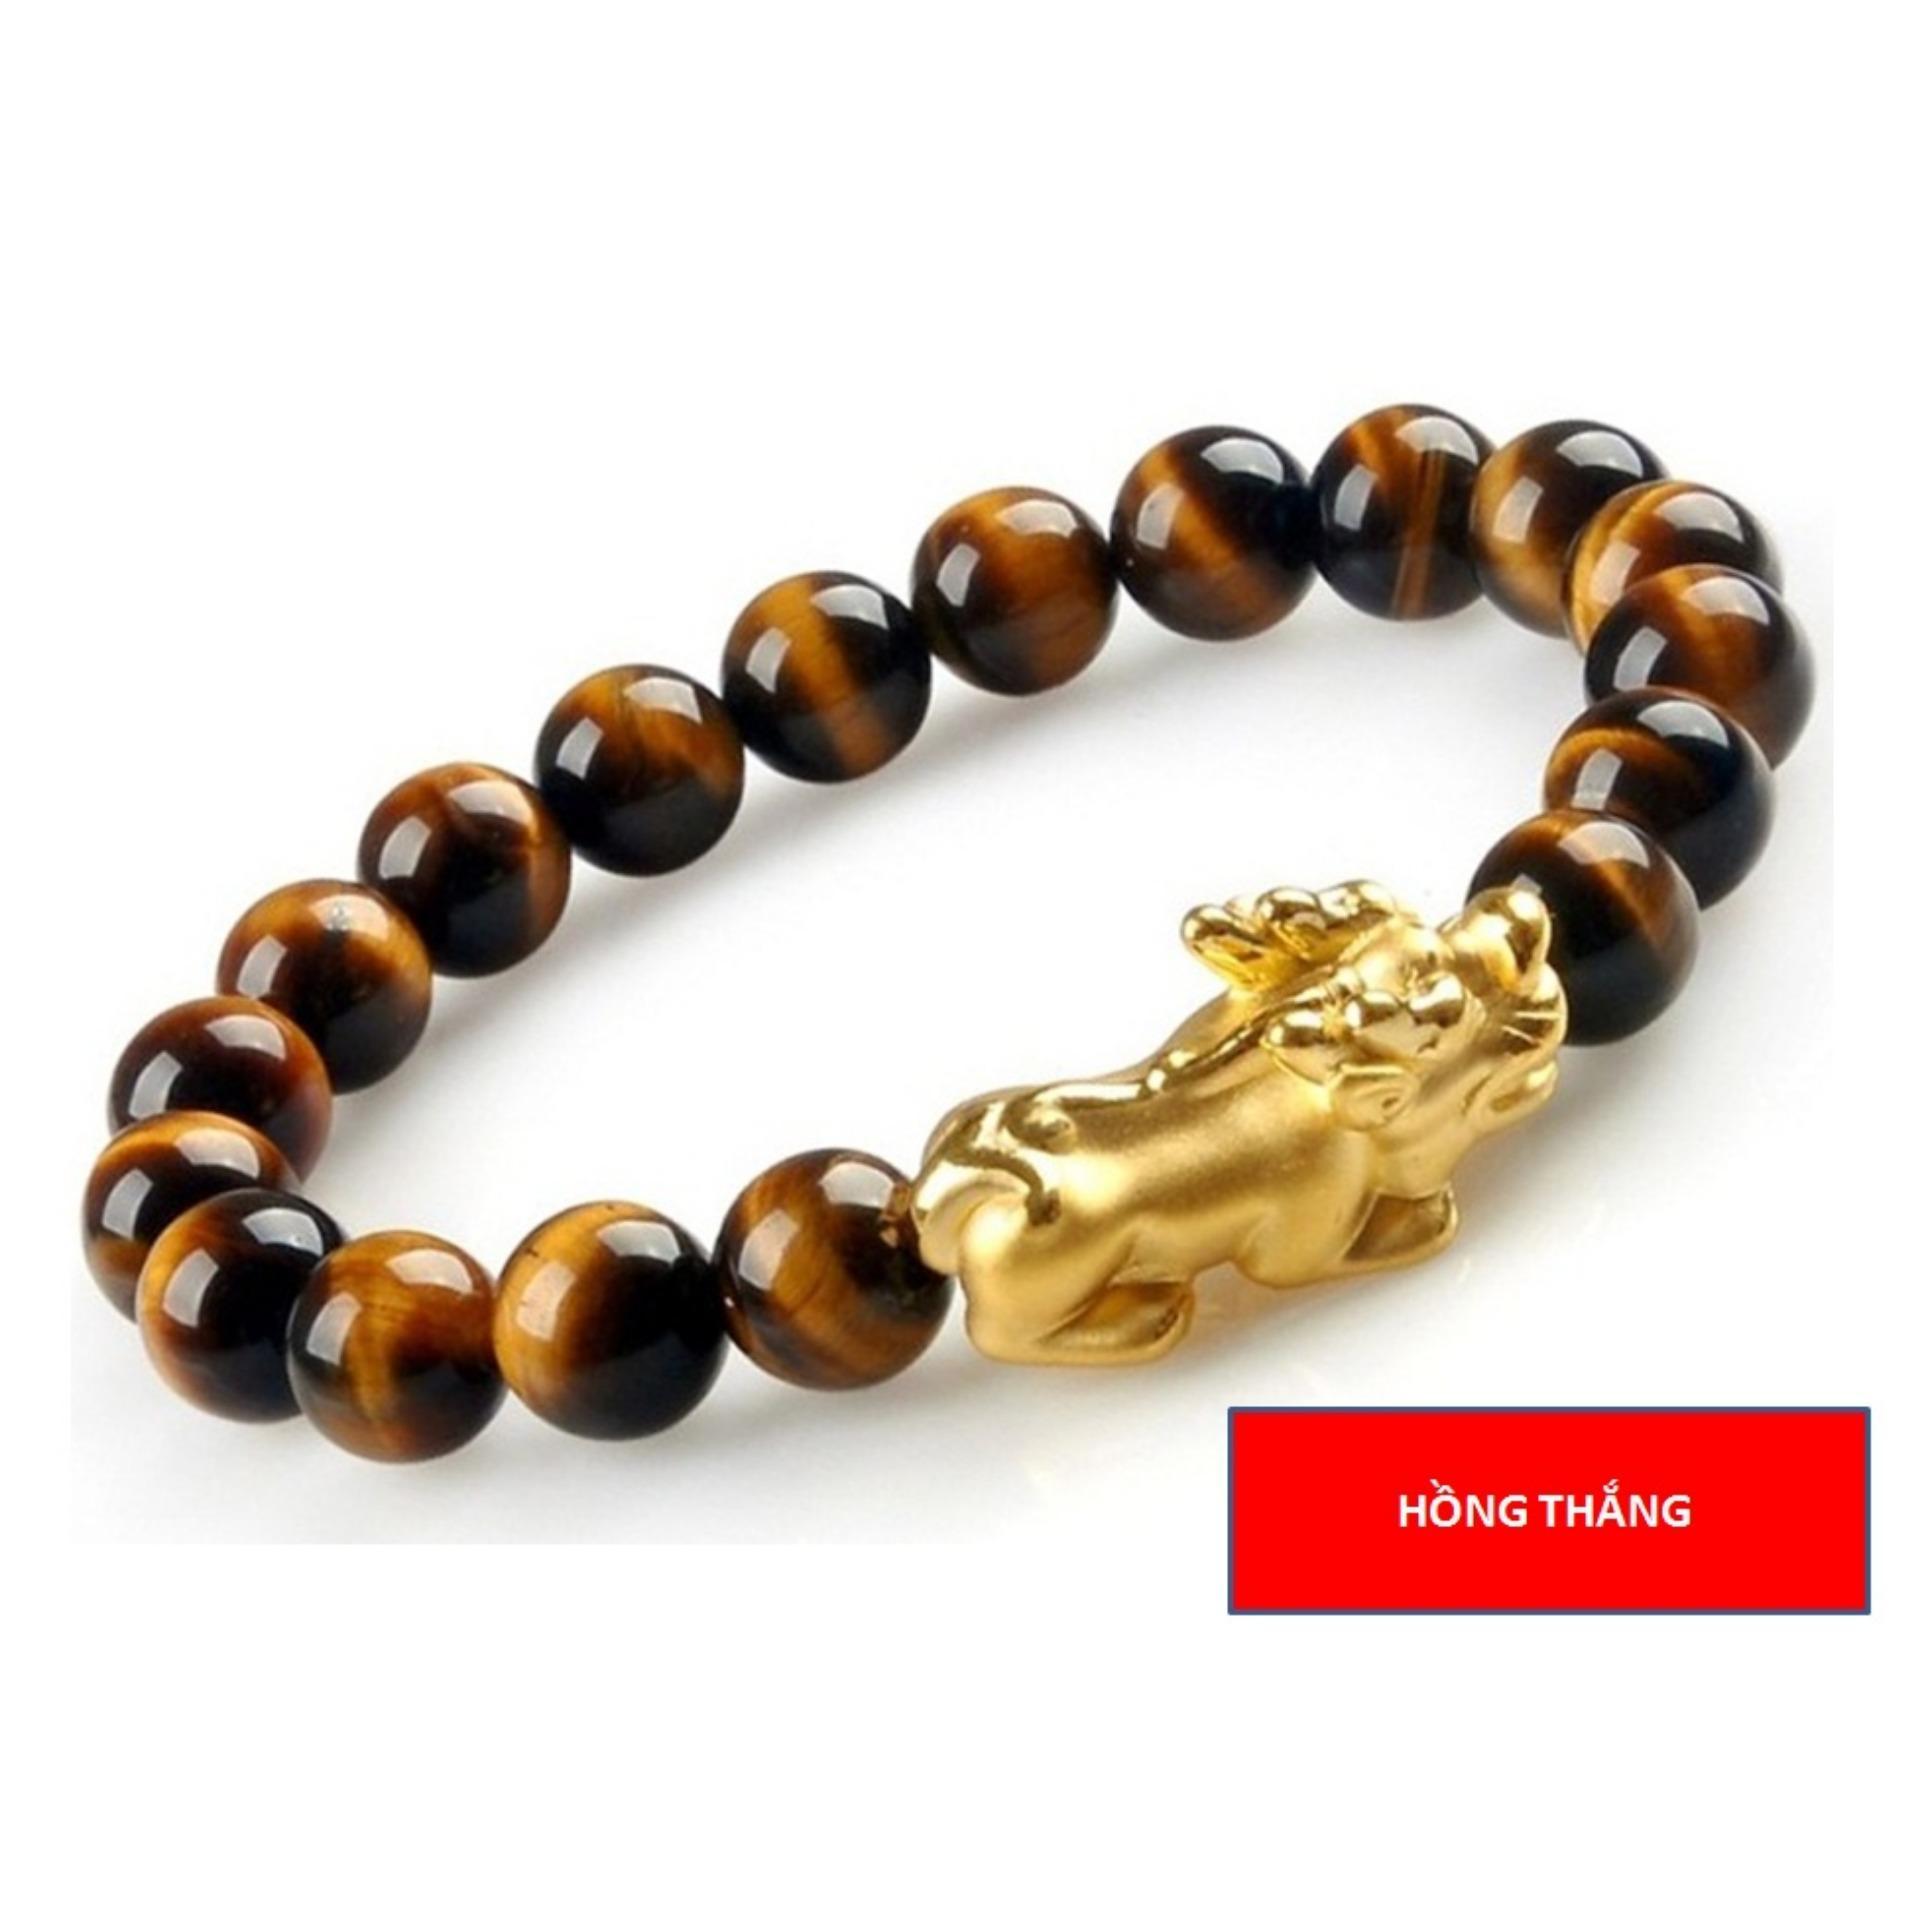 Cập Nhật Giá Vòng đeo tay mắt hổ vàng tỳ hưu 12 li – Phong thủy may mắn phát tài